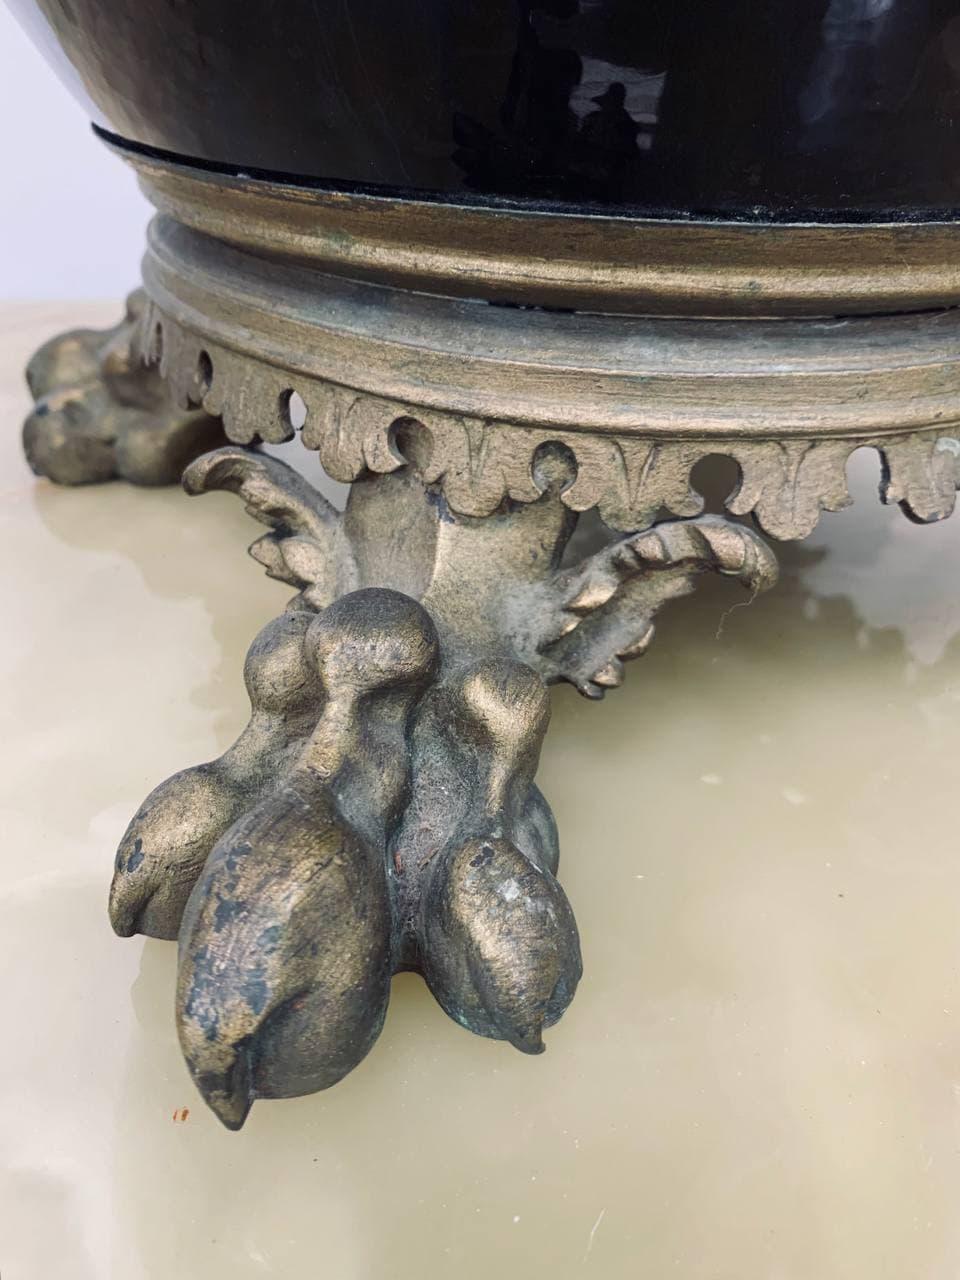 Антикварное керамическое эмалированное кашпо на бронзовых массивных ножках